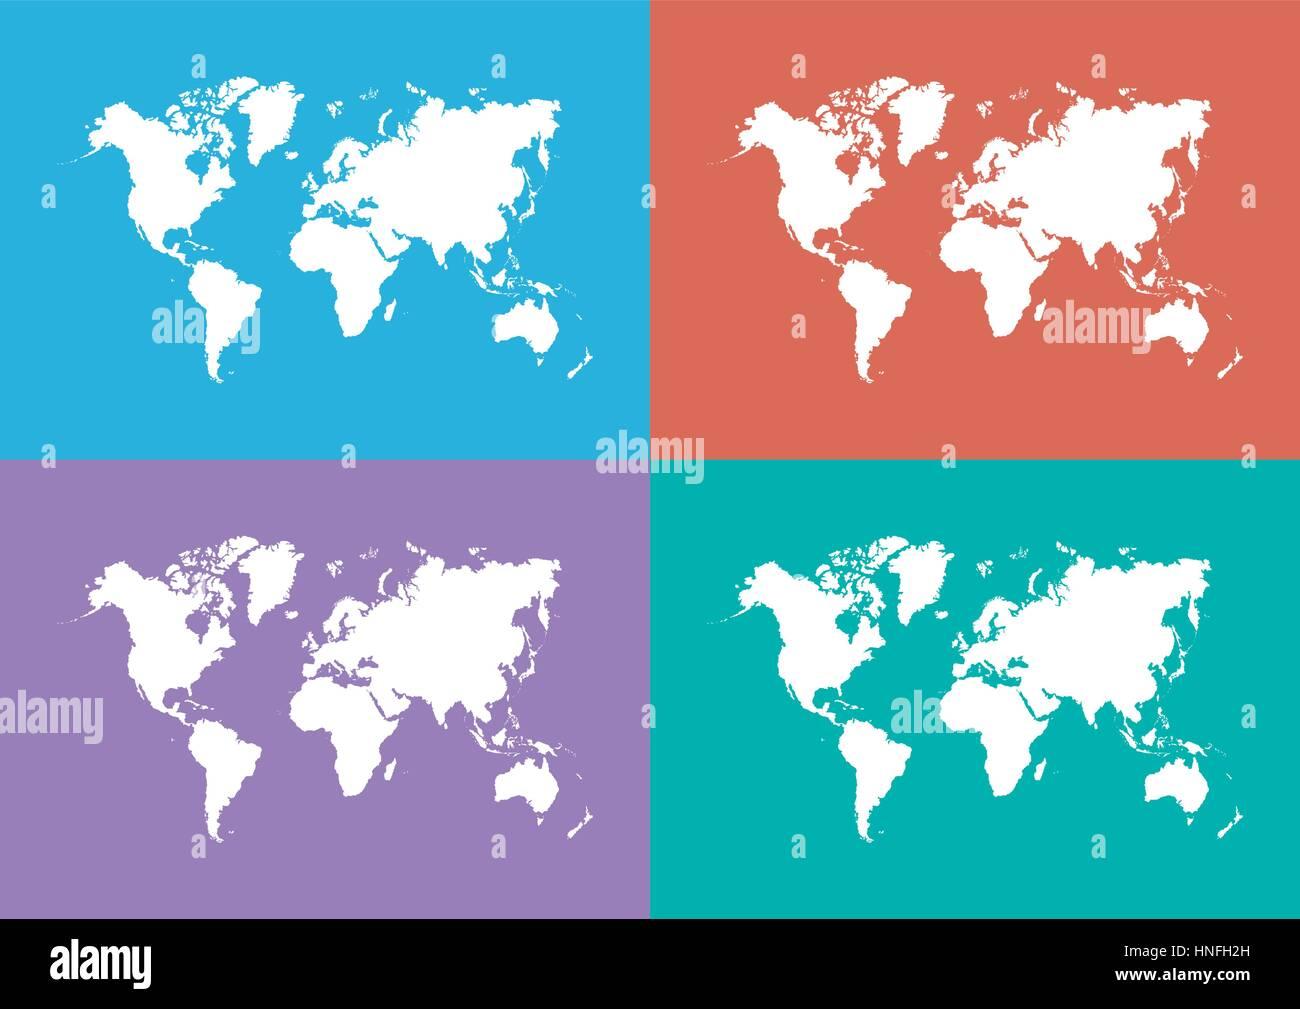 World map flat design stock vector art illustration vector world map flat design gumiabroncs Gallery